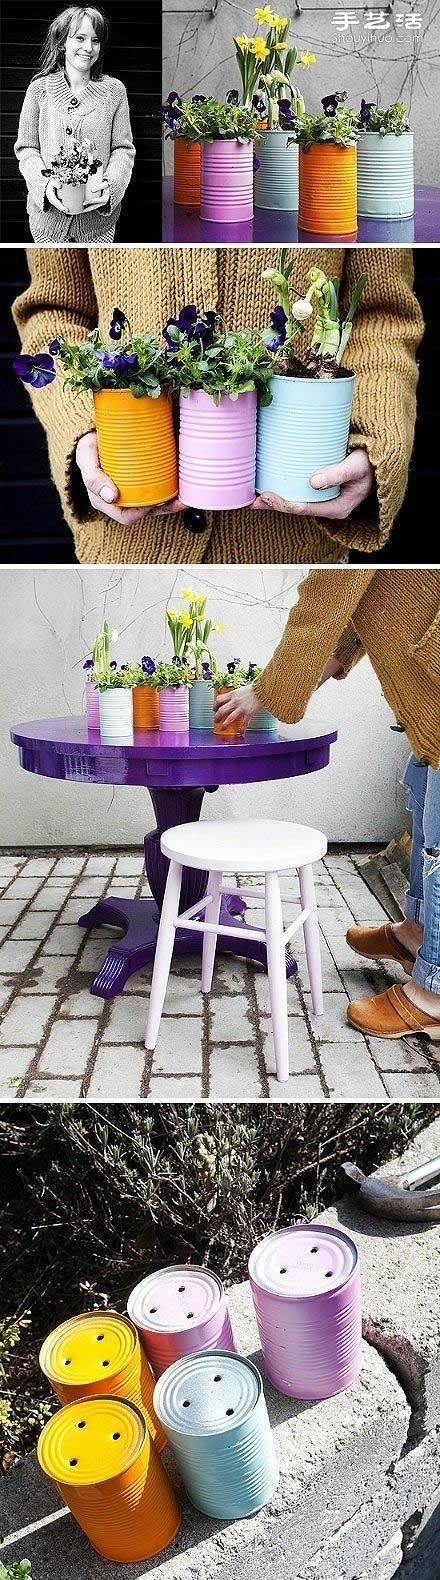 奶粉罐巧利用 DIY手工製作漂亮花盆